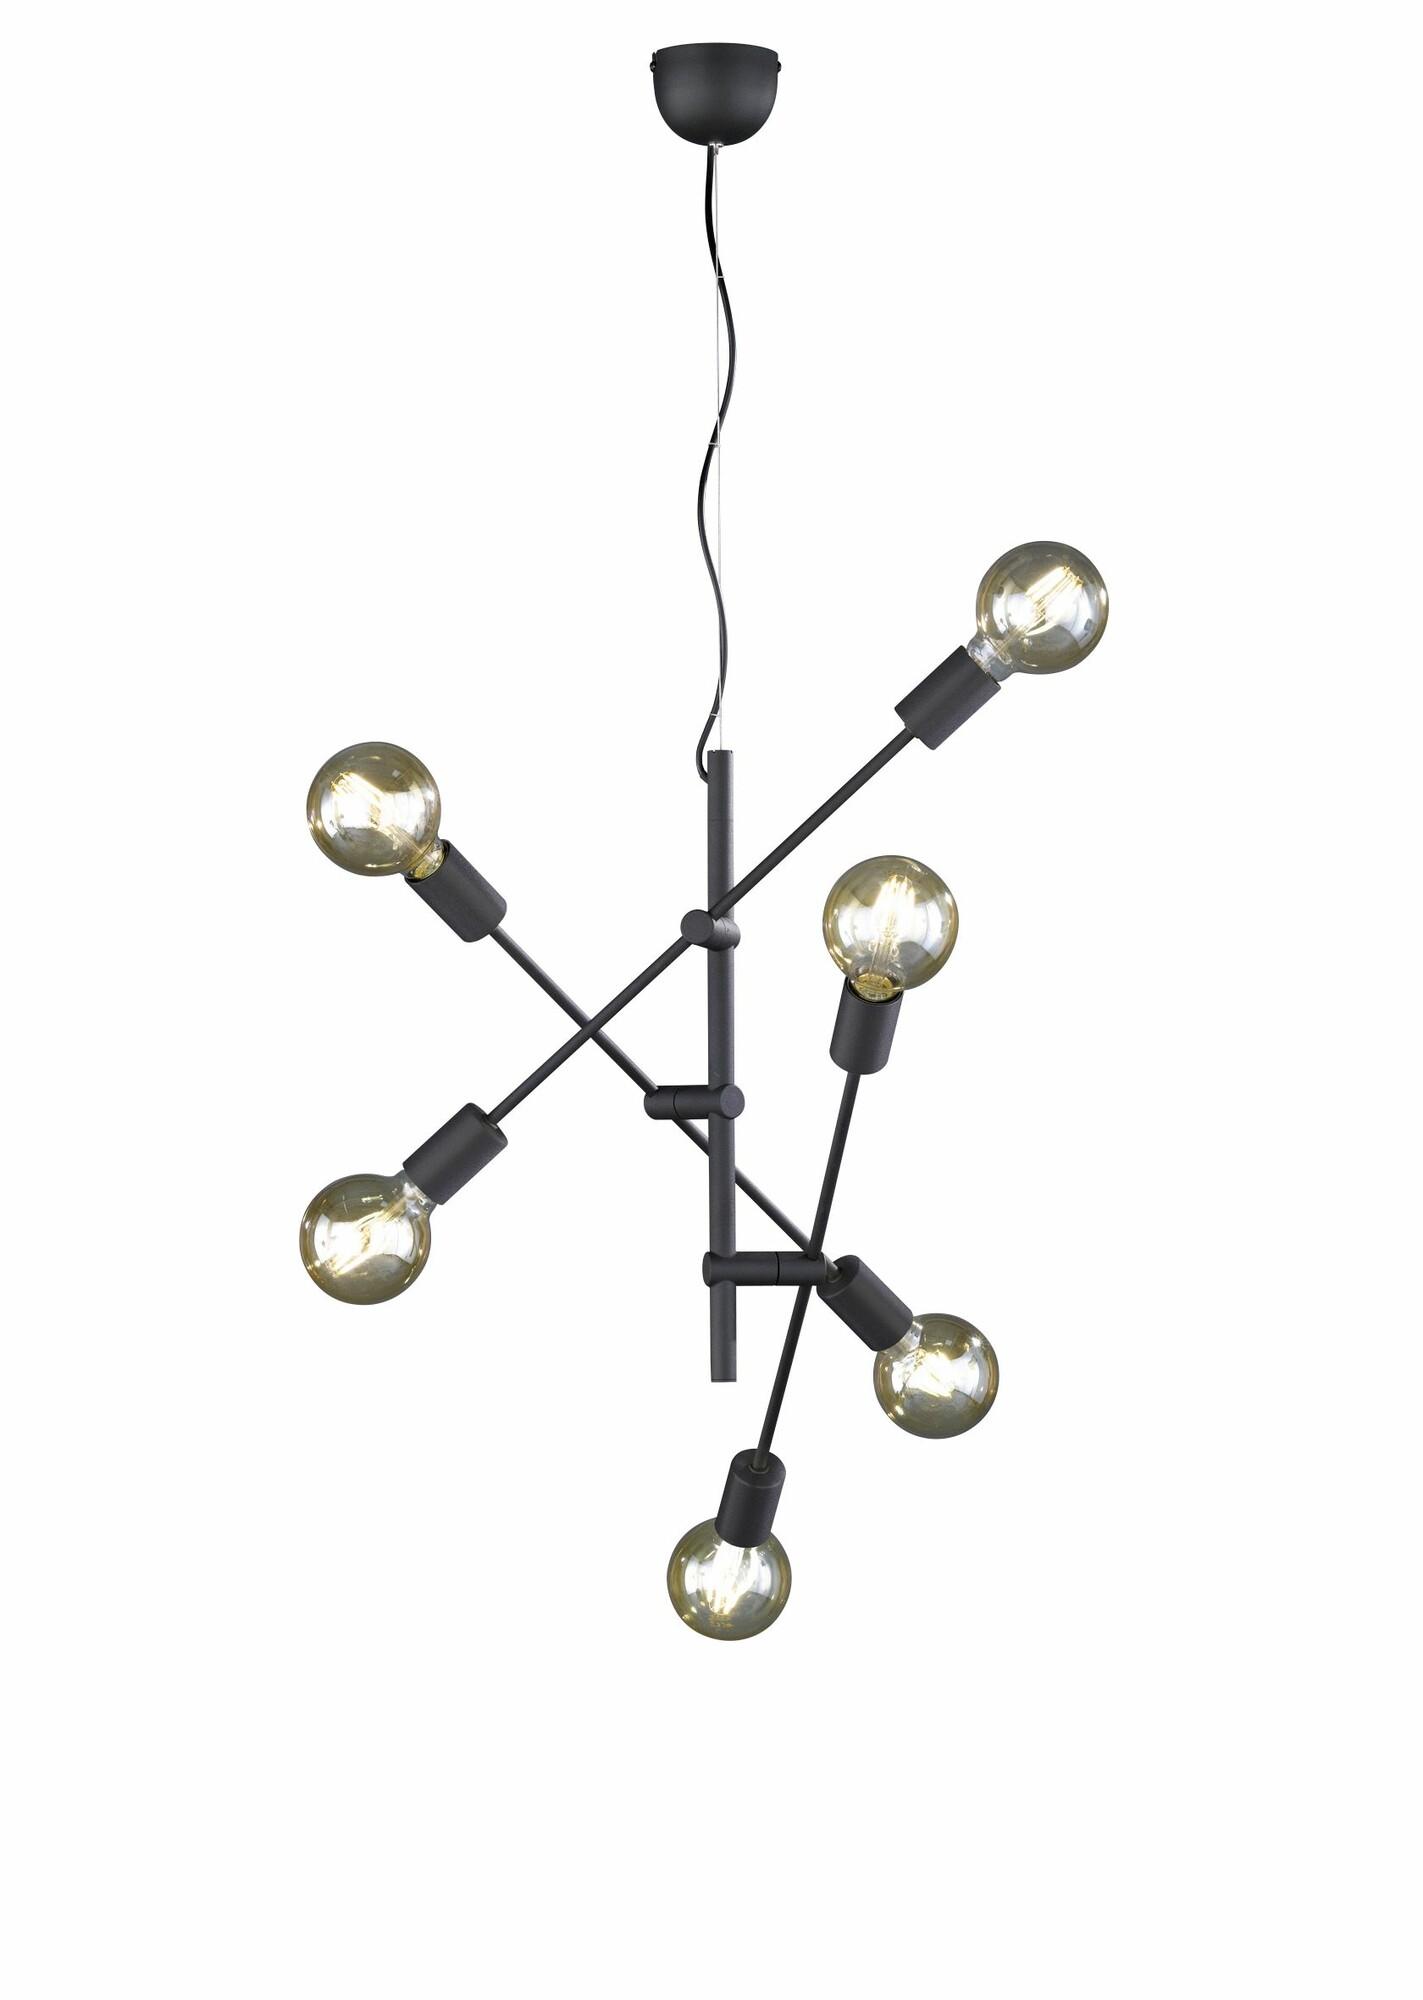 CRASS Hanglamp E27 6x Zwart